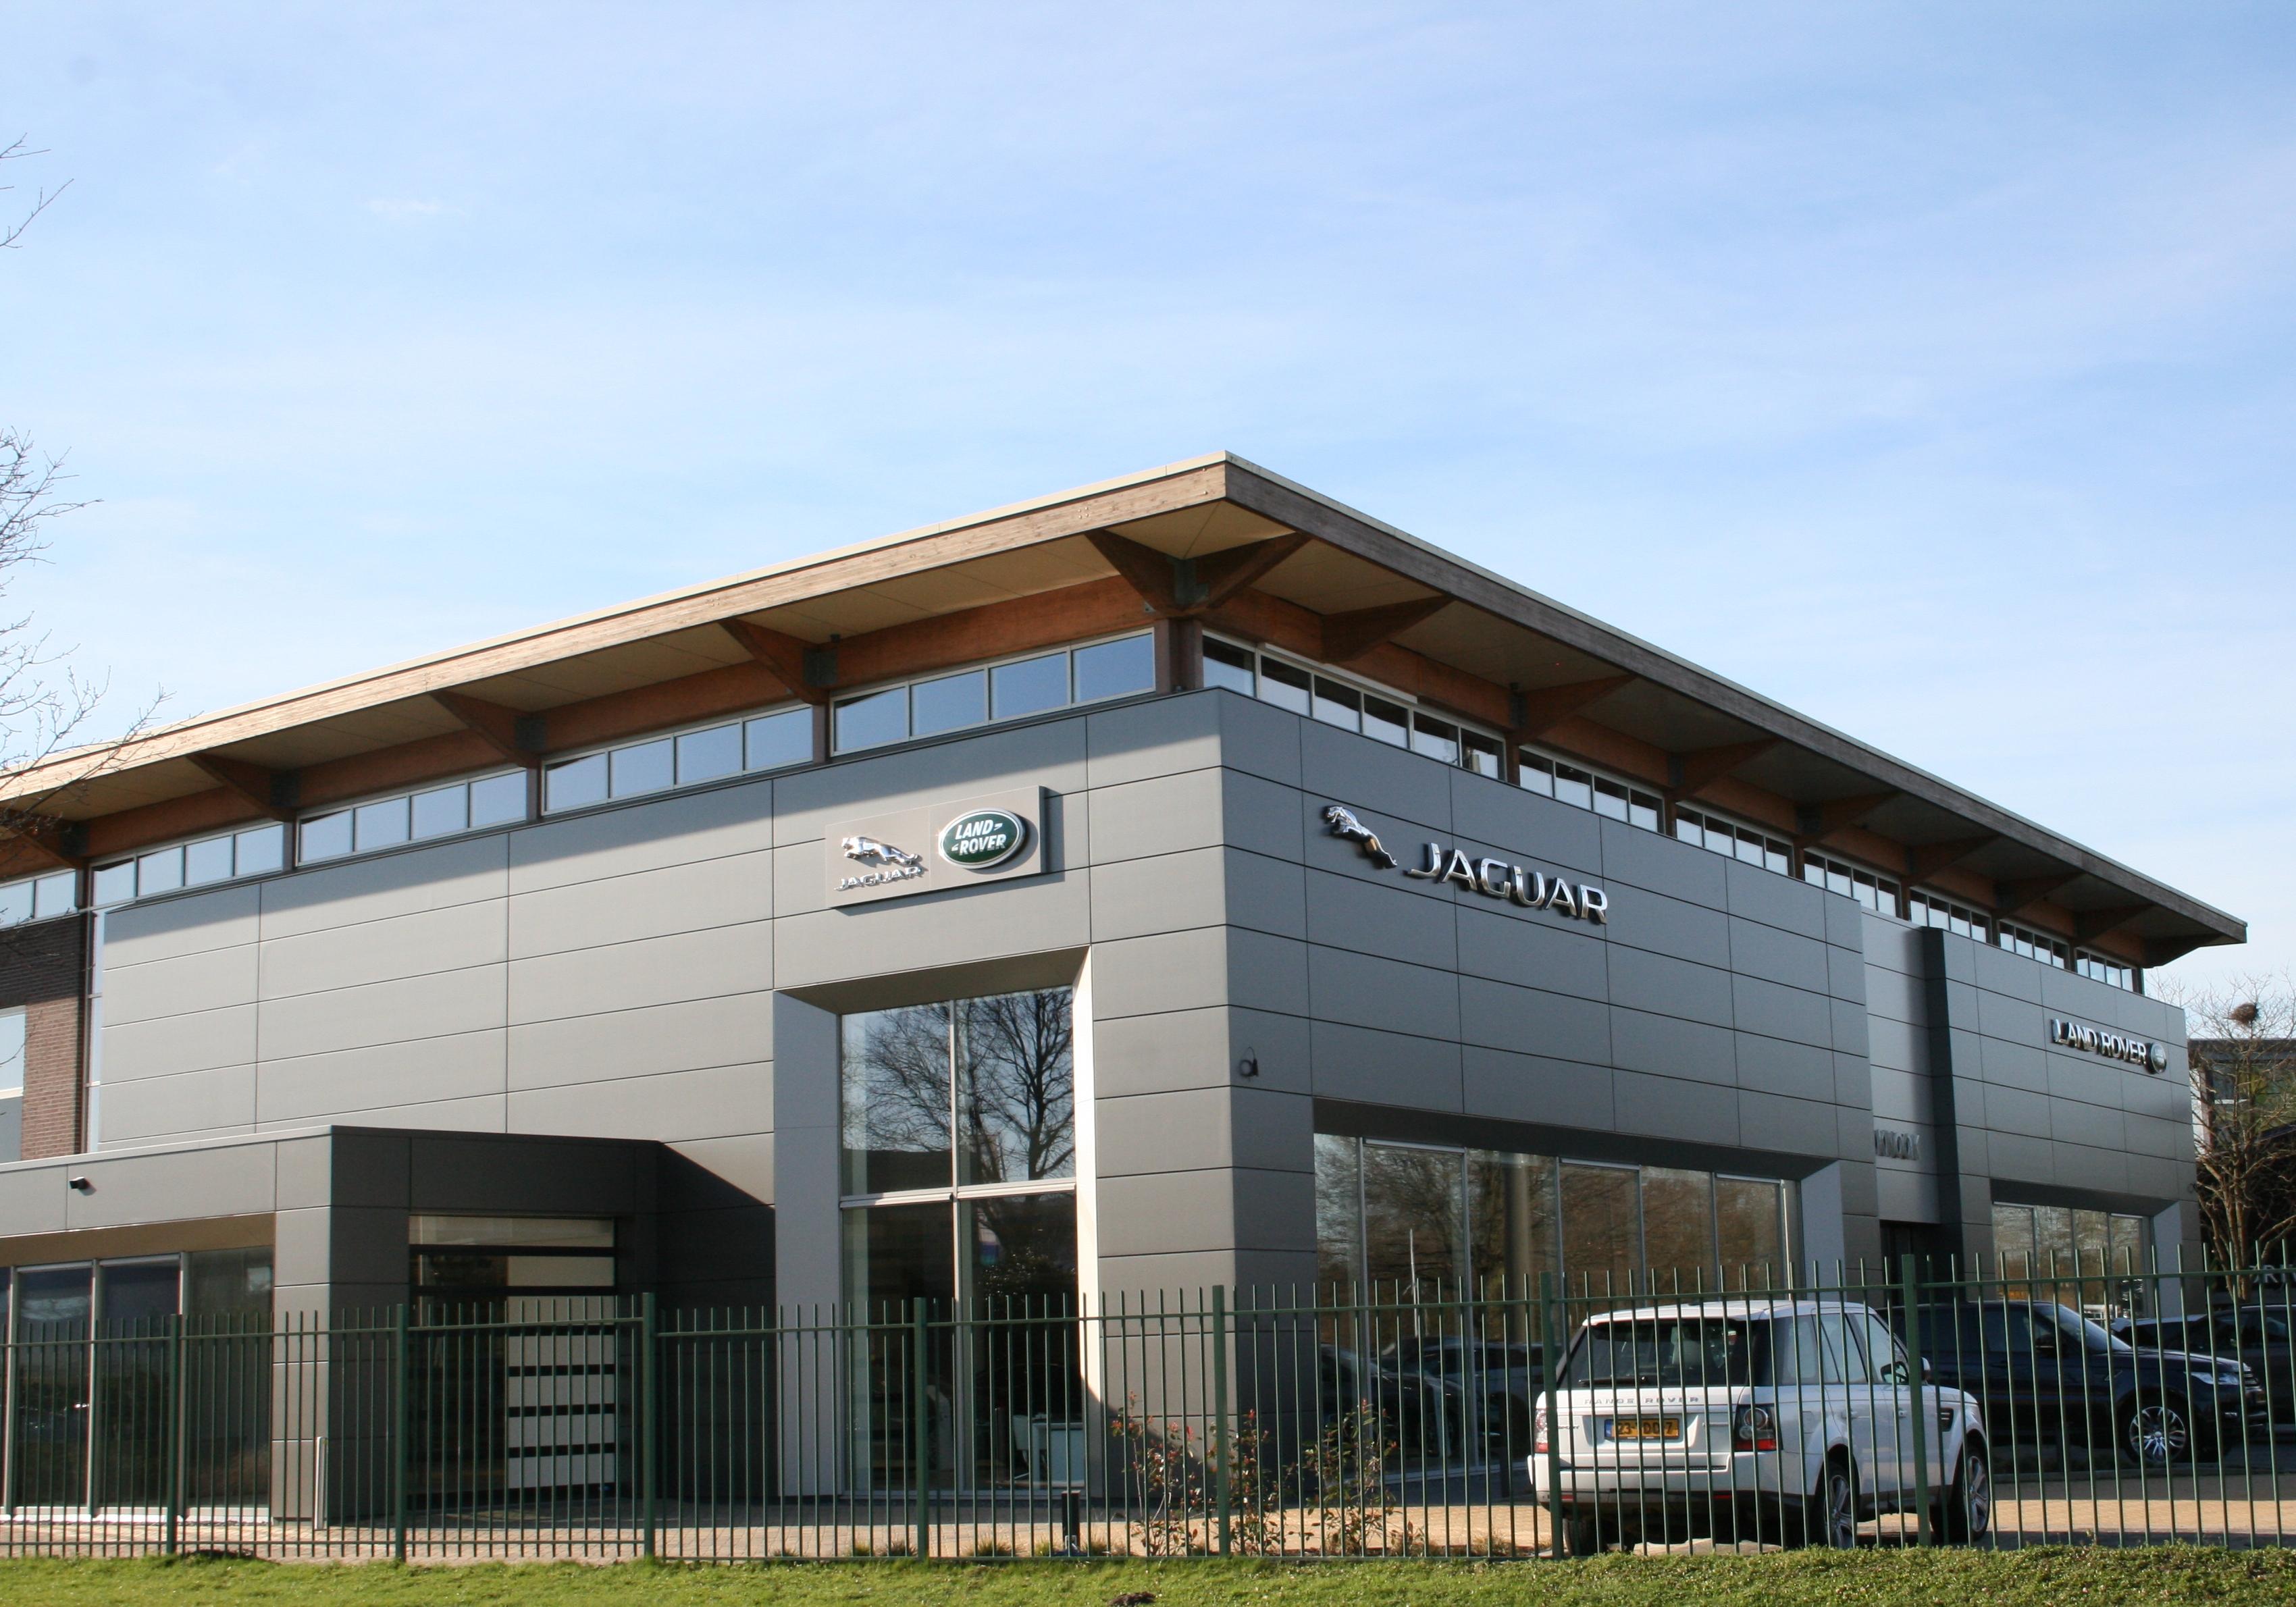 Gevelbekleding: Gevelpanelen Jaguar Land Rover